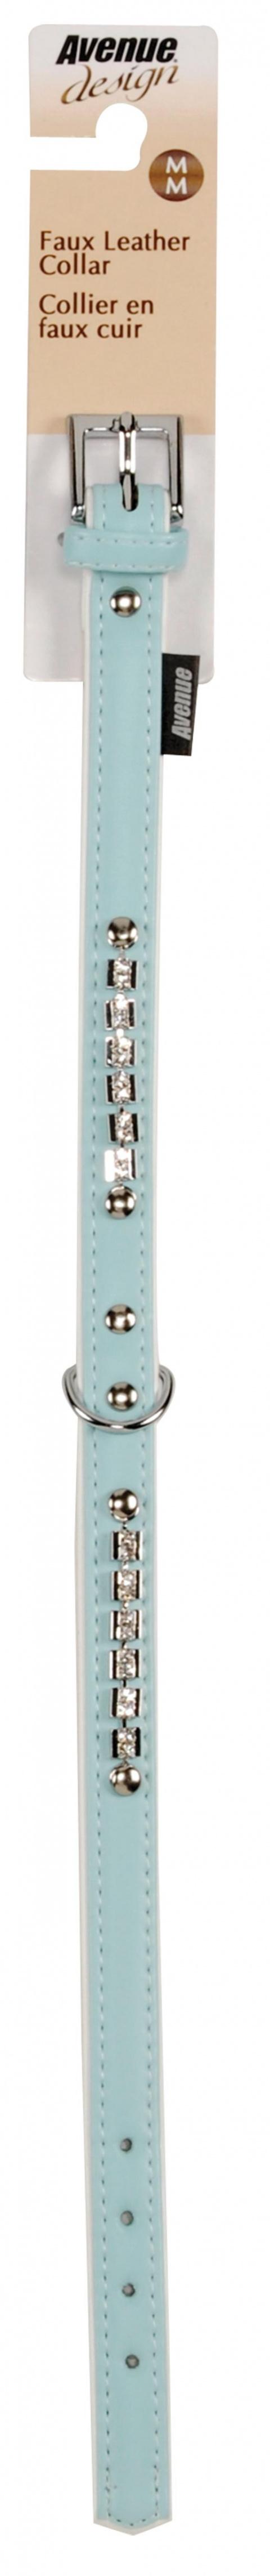 Obojek AVENUE Viva světle modrý M 42cm